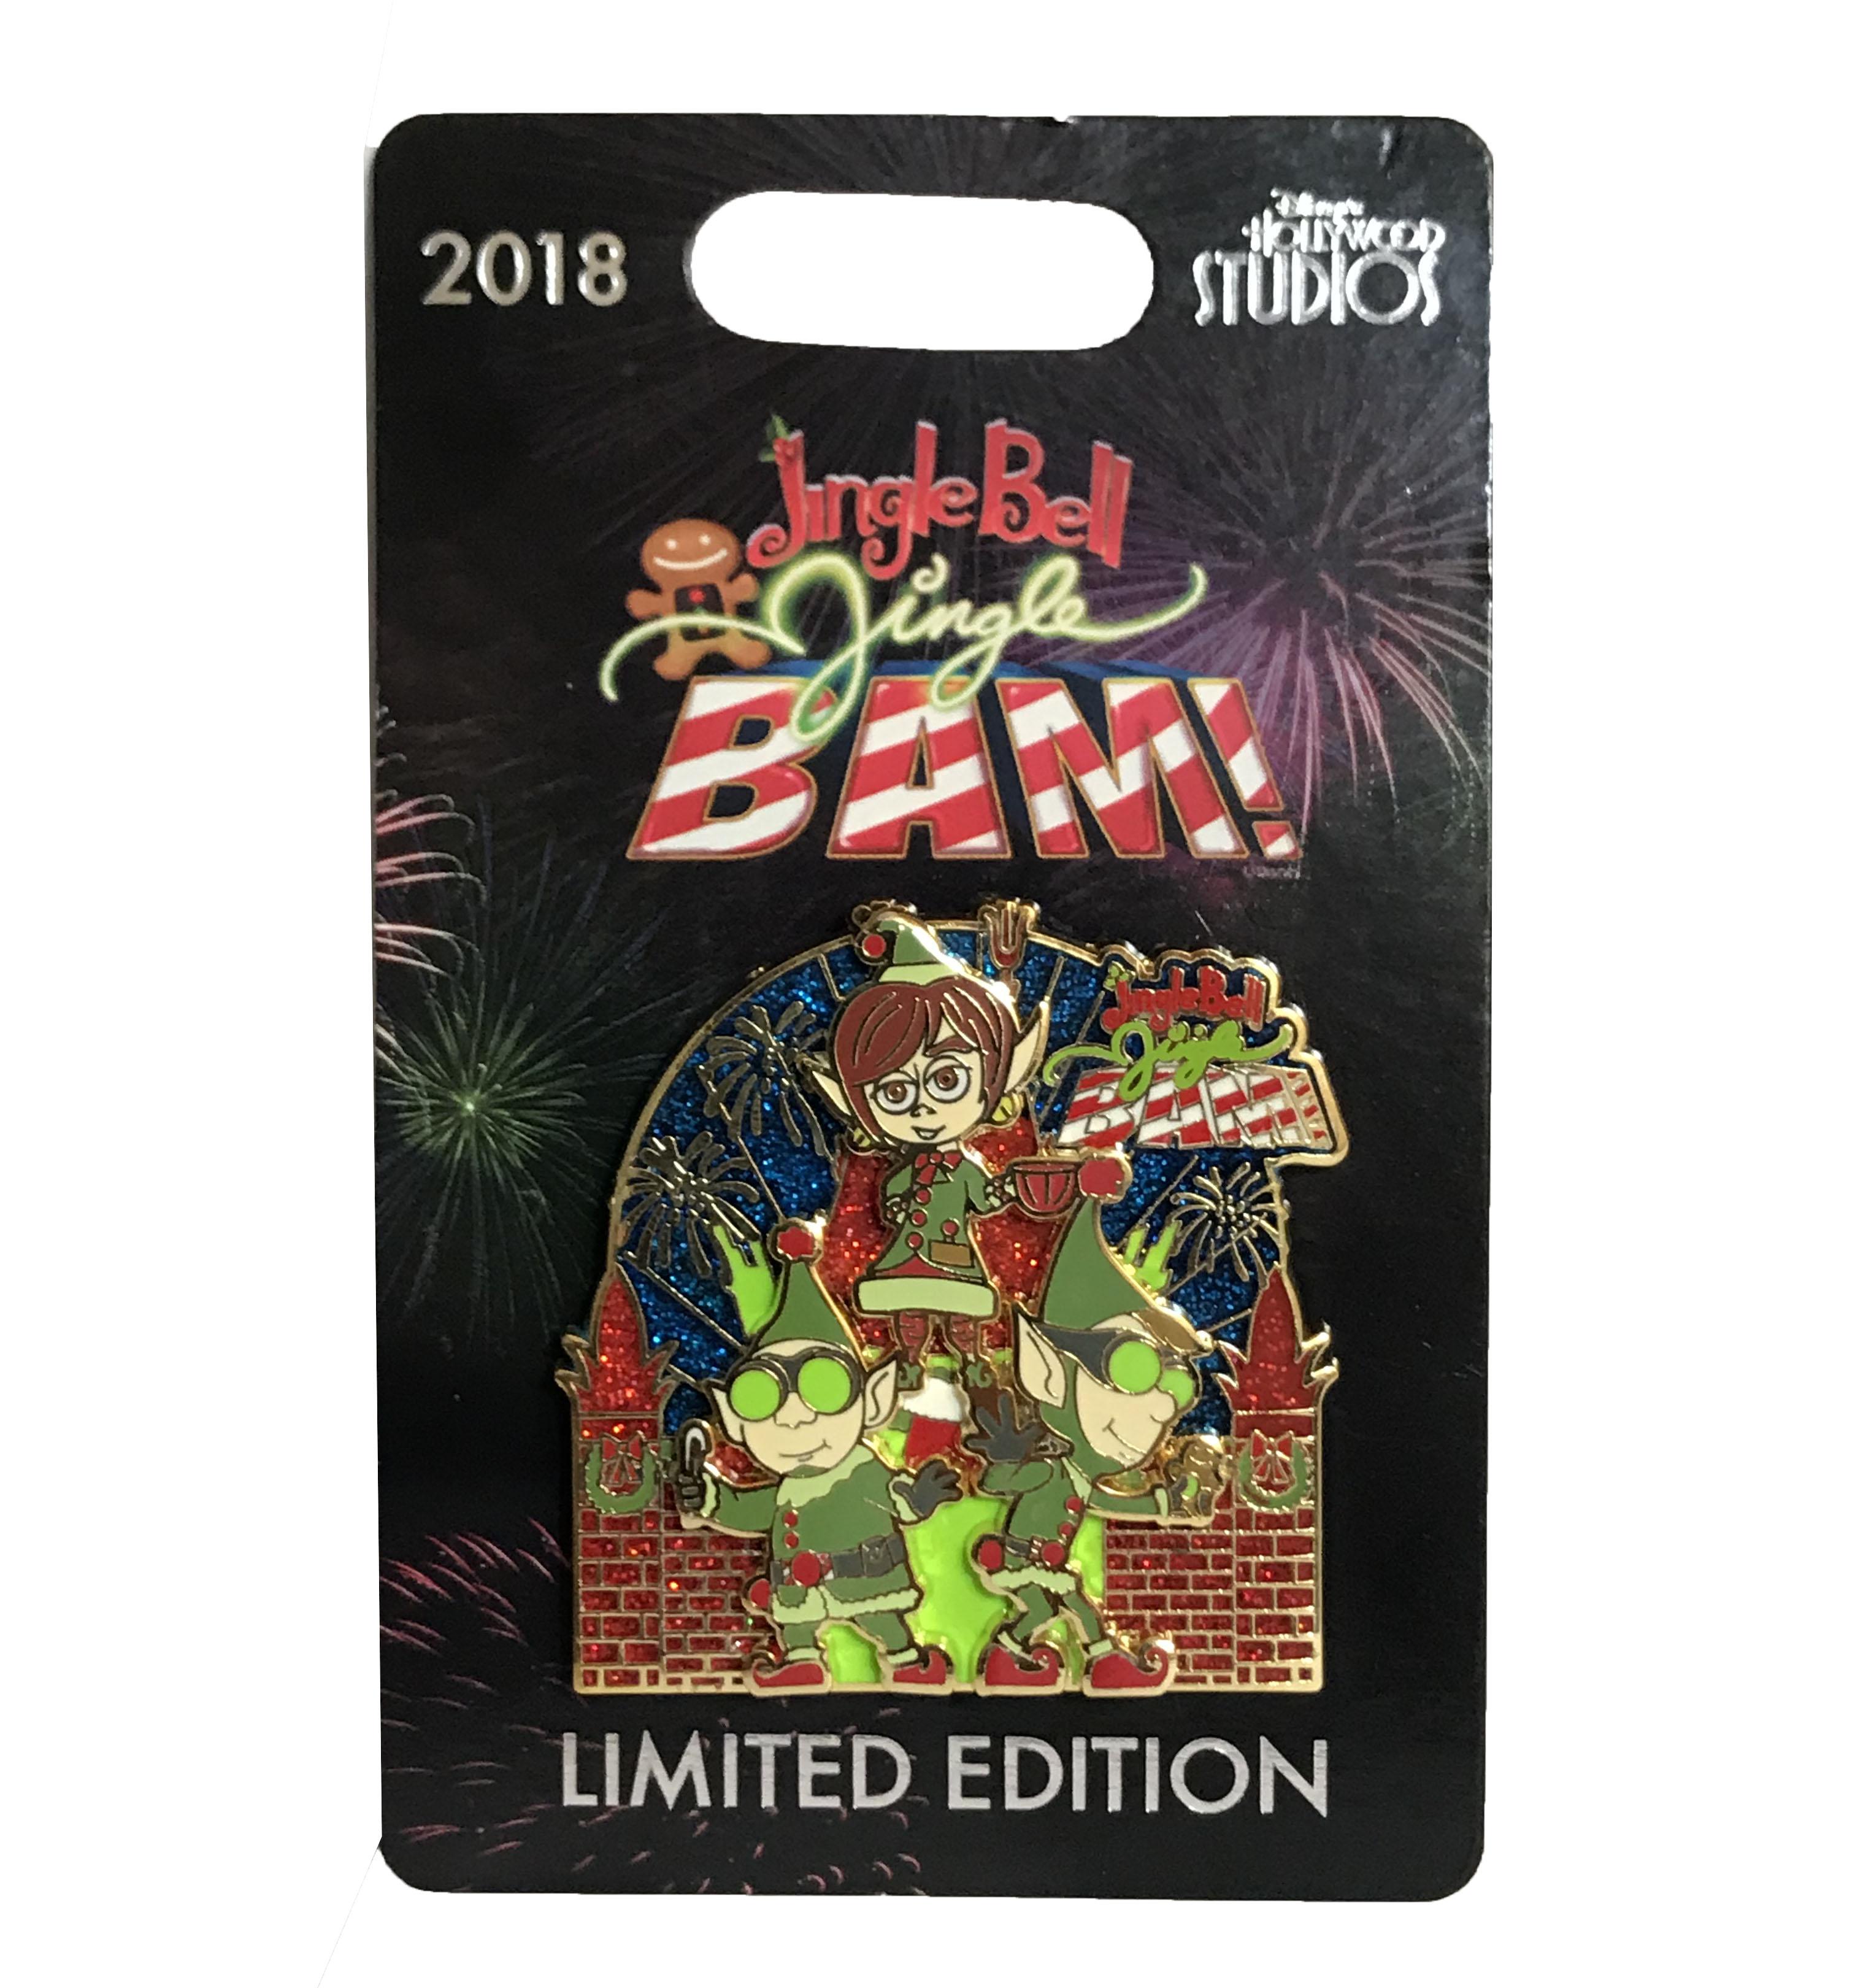 Jingle Bam